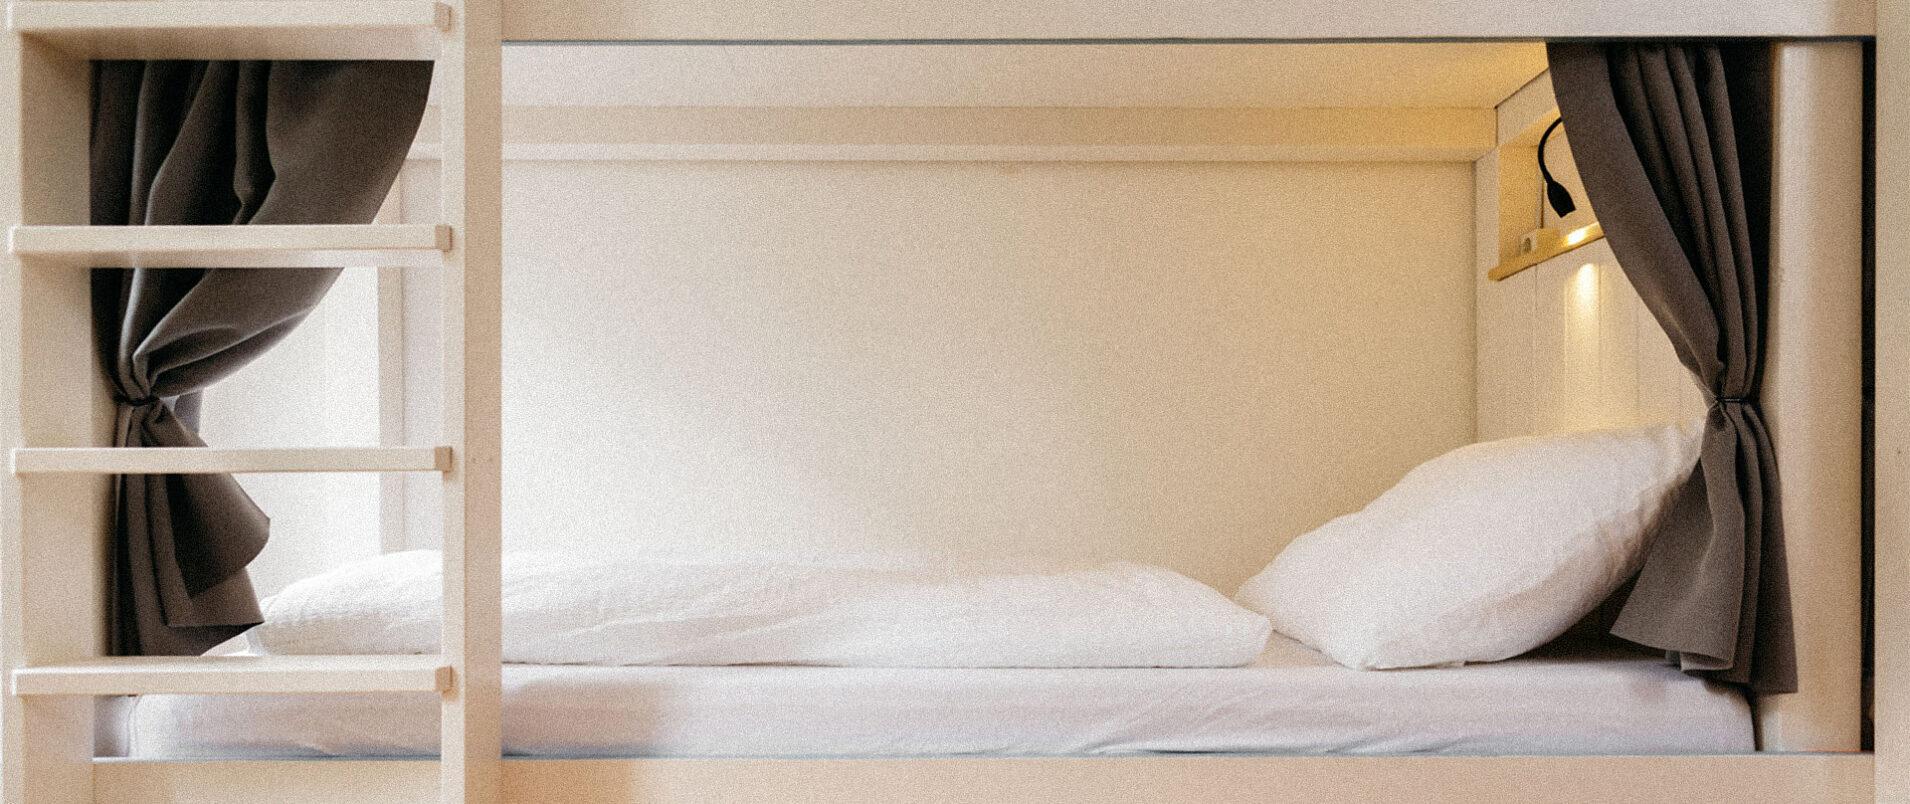 Hochbett von der Seite fotografiert mit schwarzen Vorhängen und weißer Bettwäsche